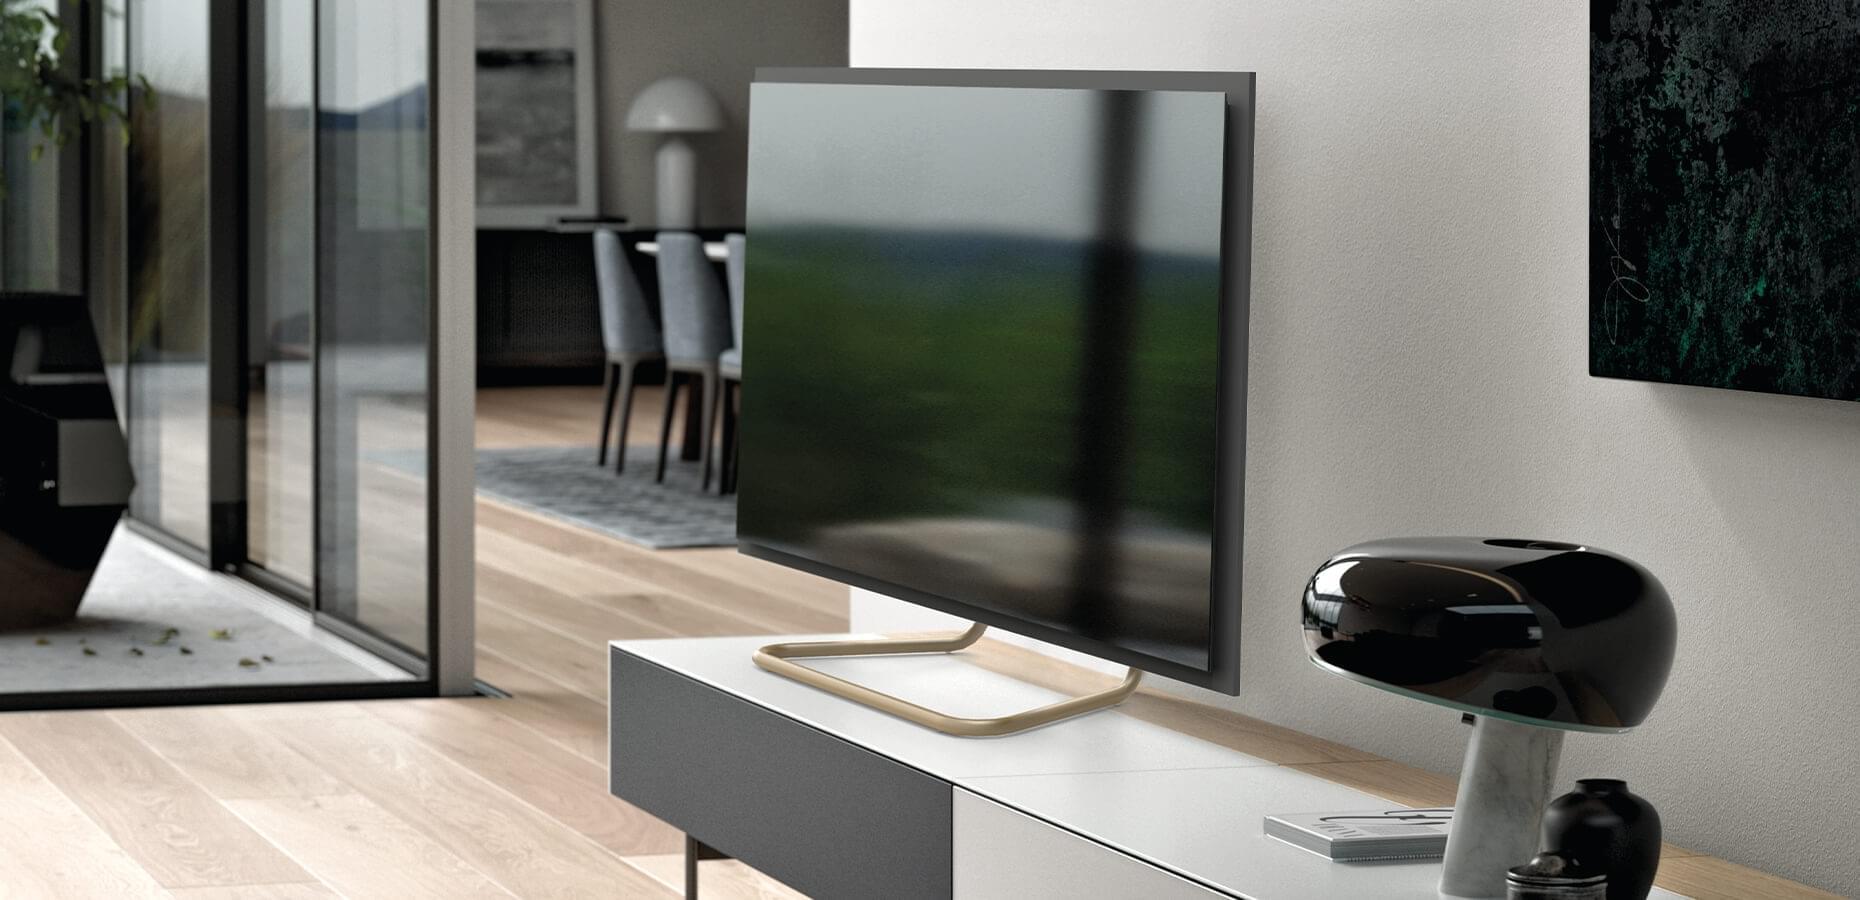 Spectral Tube GX21-55 tv-standaard voor LG GX gallery design tv